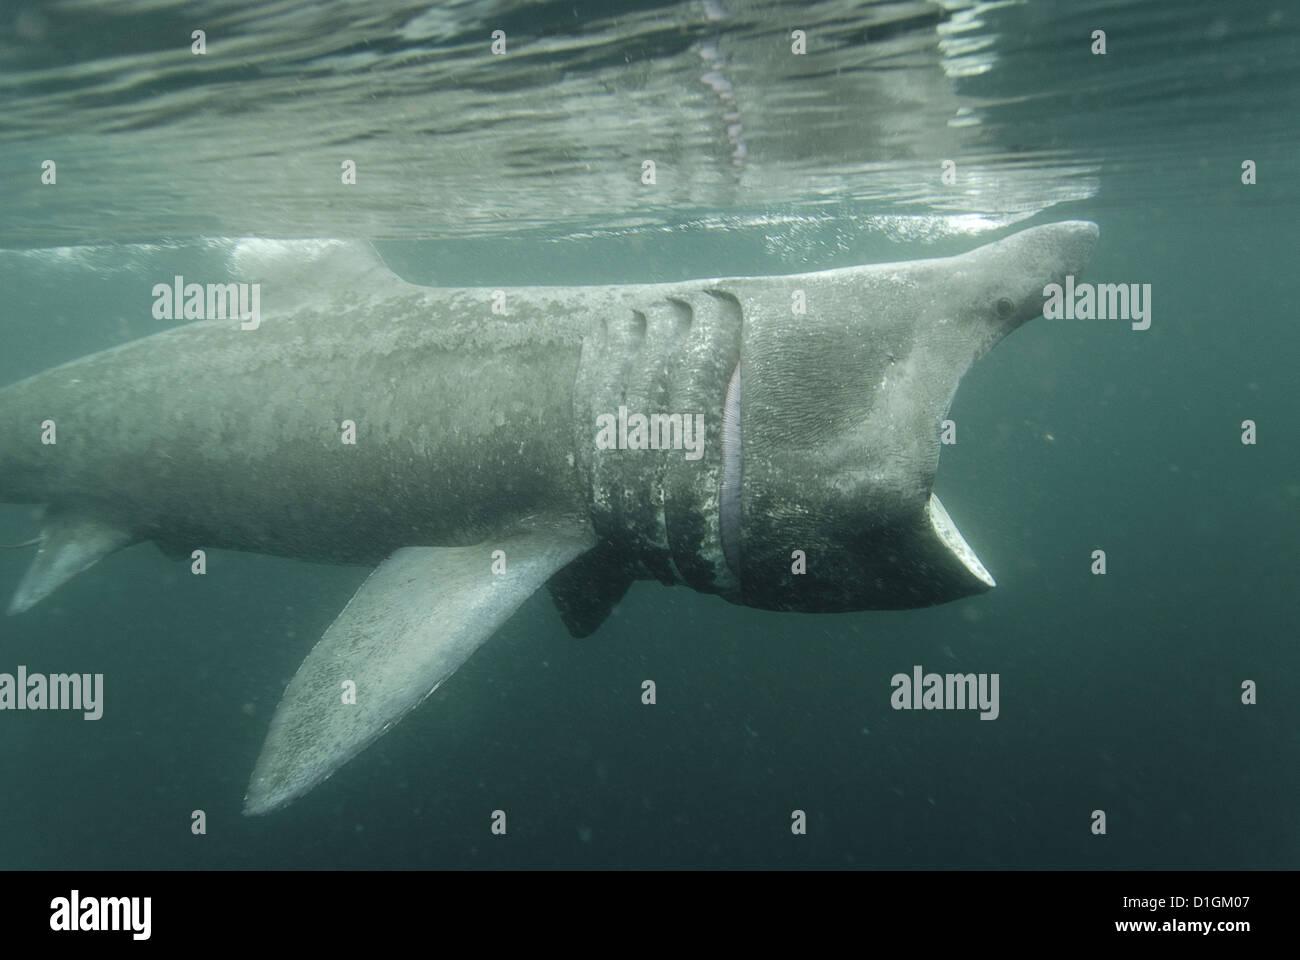 Basking shark (Cetorhinus maximus) feeding on plankton, Hebrides, Scotland, United Kingdom, Europe - Stock Image